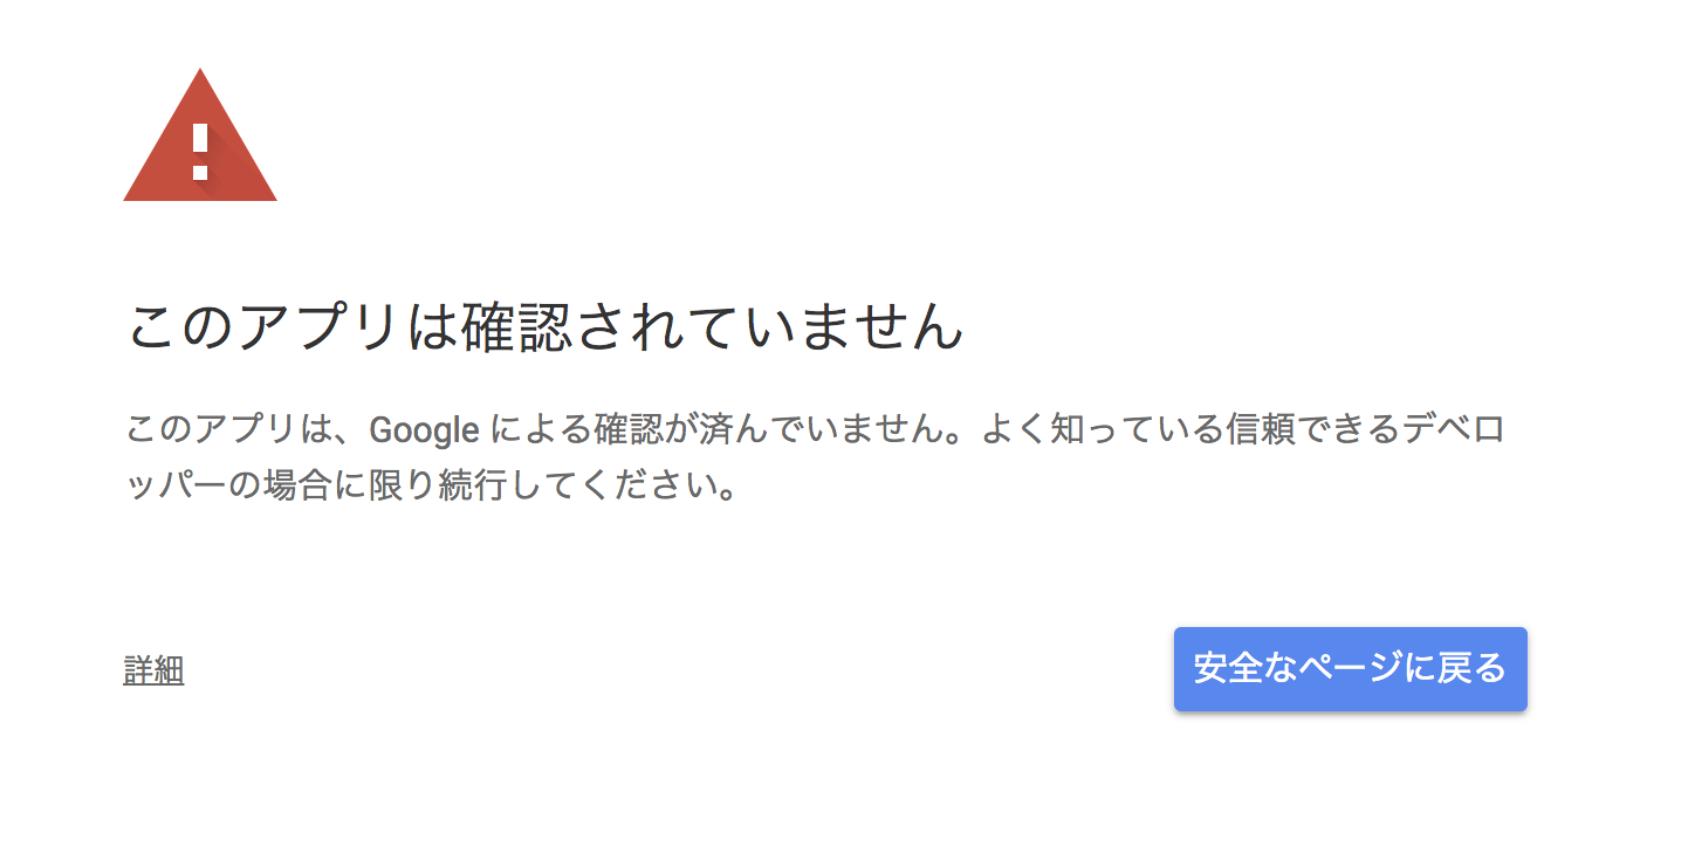 では 的 で 無効 アプリ 機能 この 一時 google が ログイン に